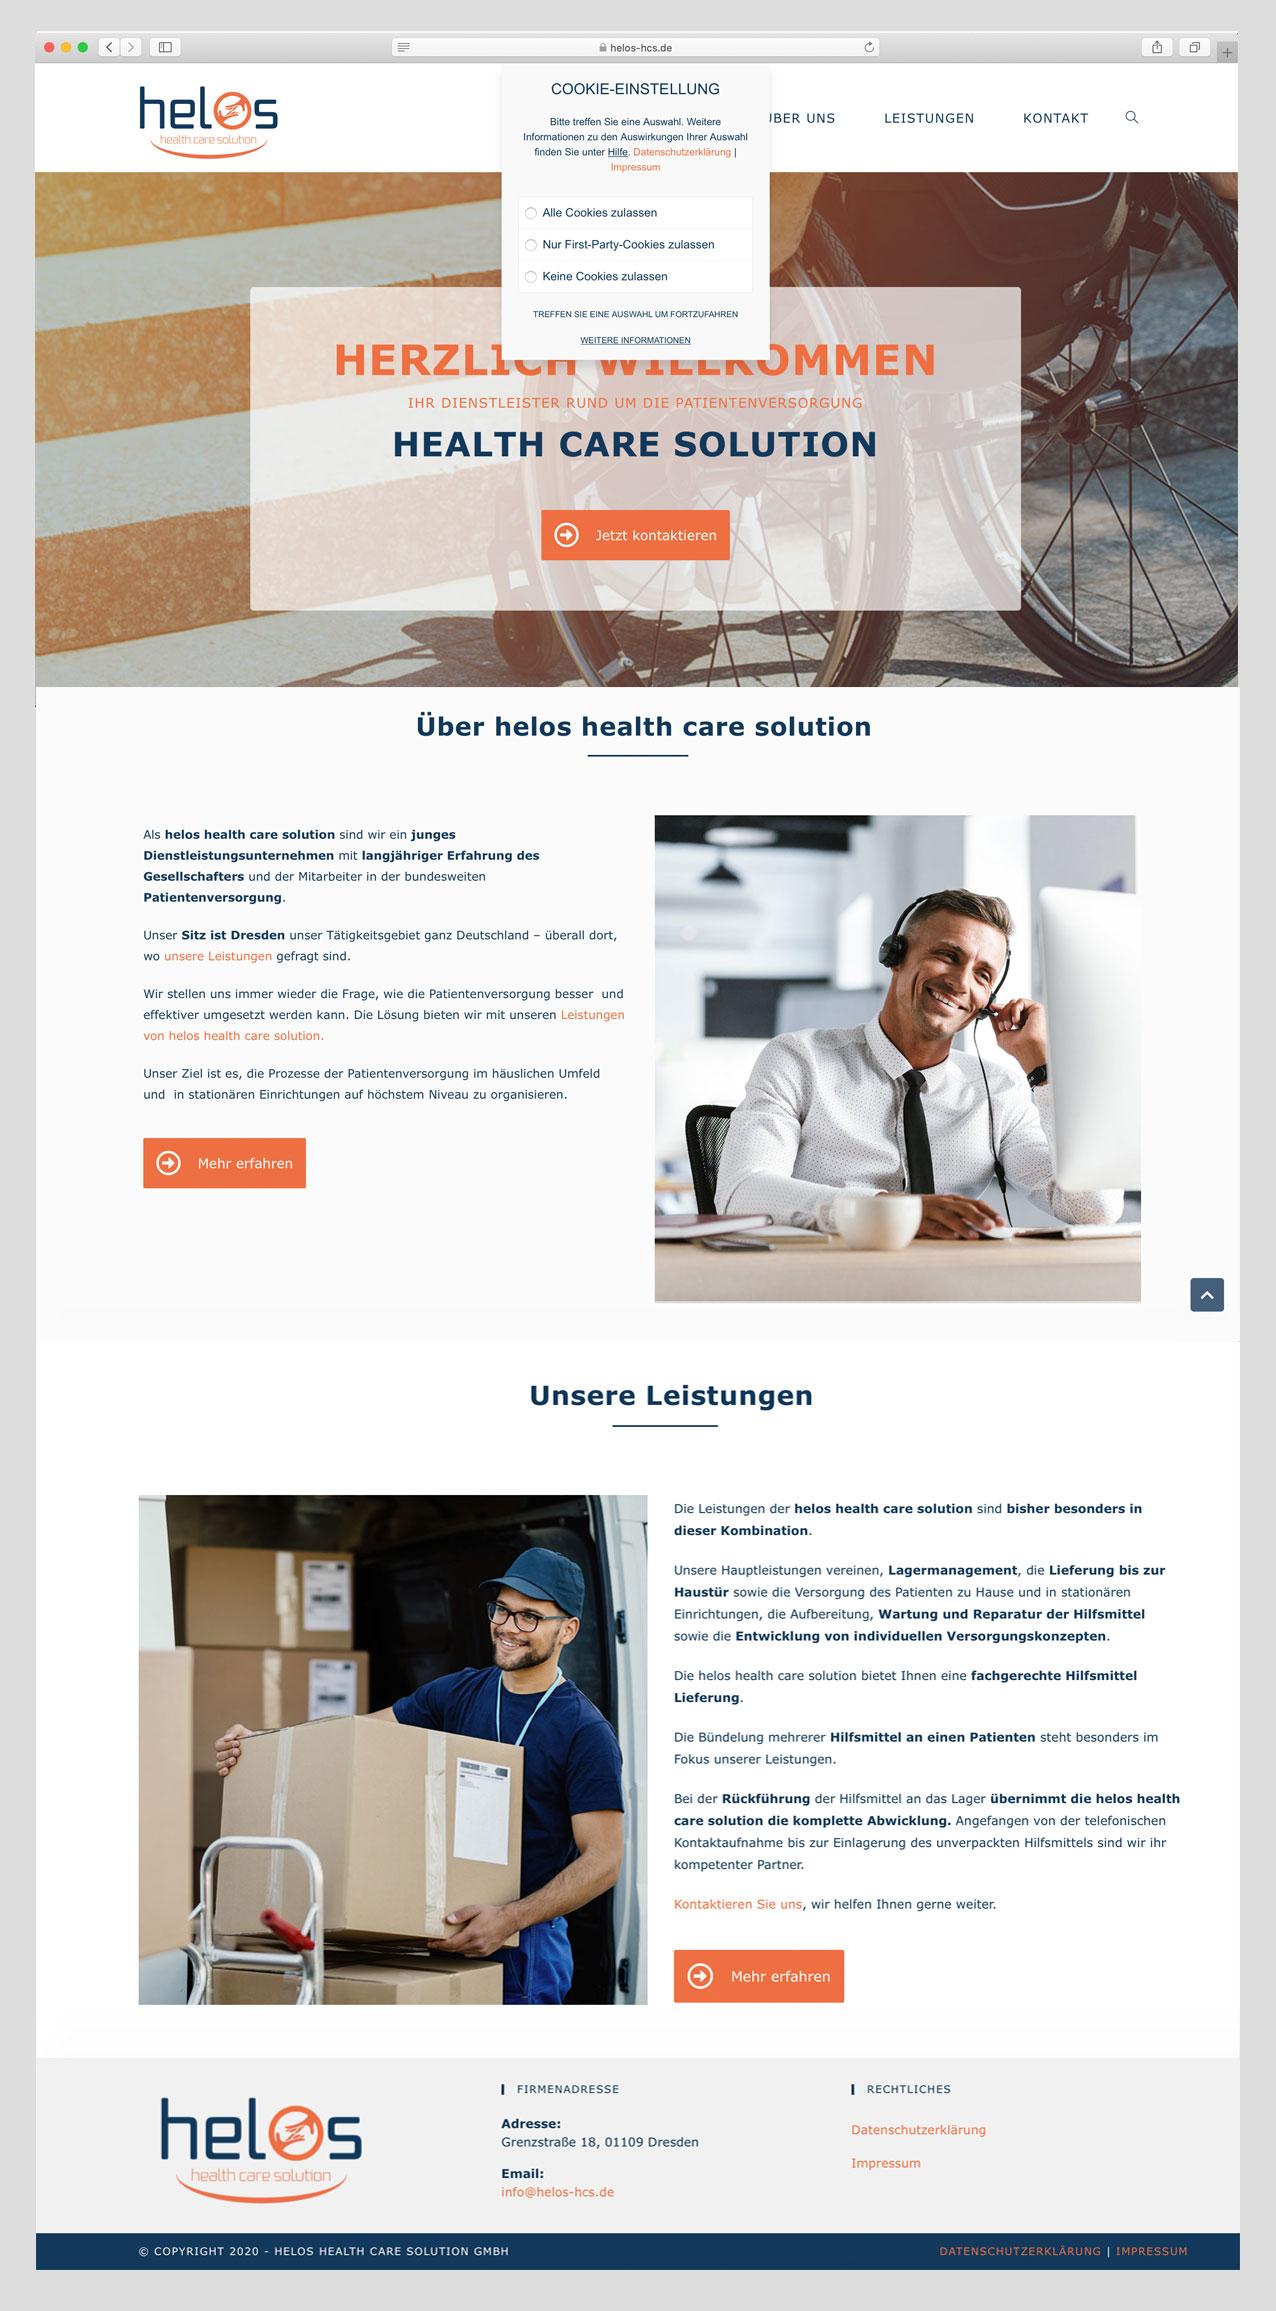 Musterwebsite -helos health care solution, Madeleine Möhlmann Grafik- und Webdesign aus Hamburg